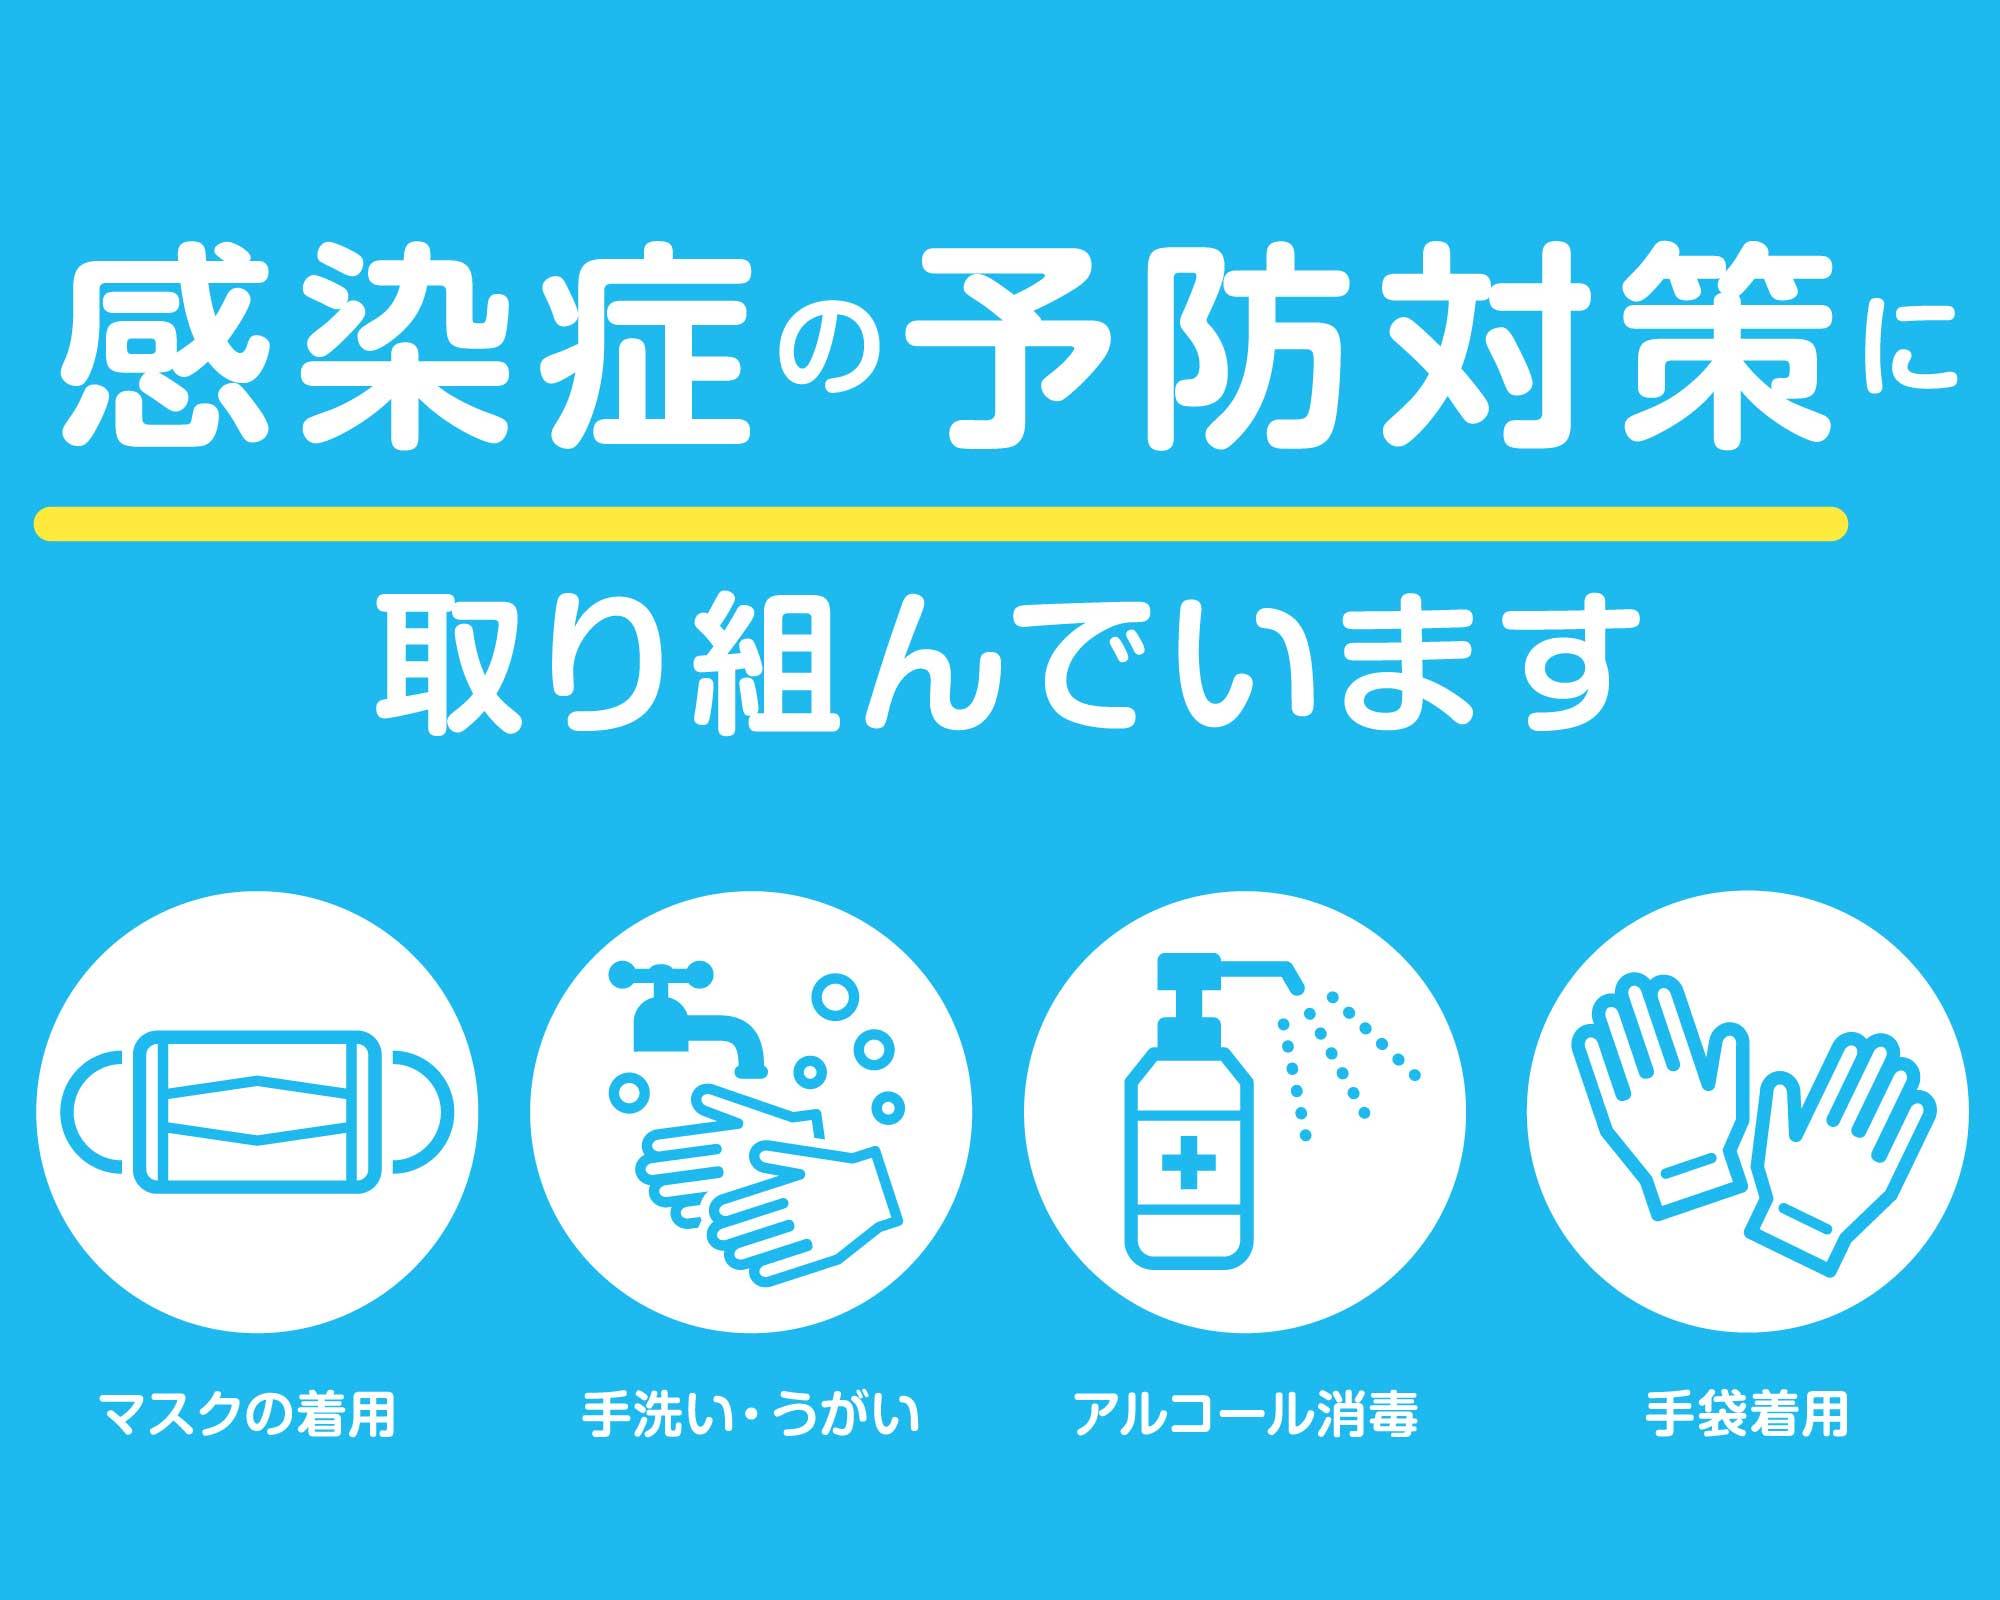 奄美観光 大島タクシーコロナ対策 イメージ画像